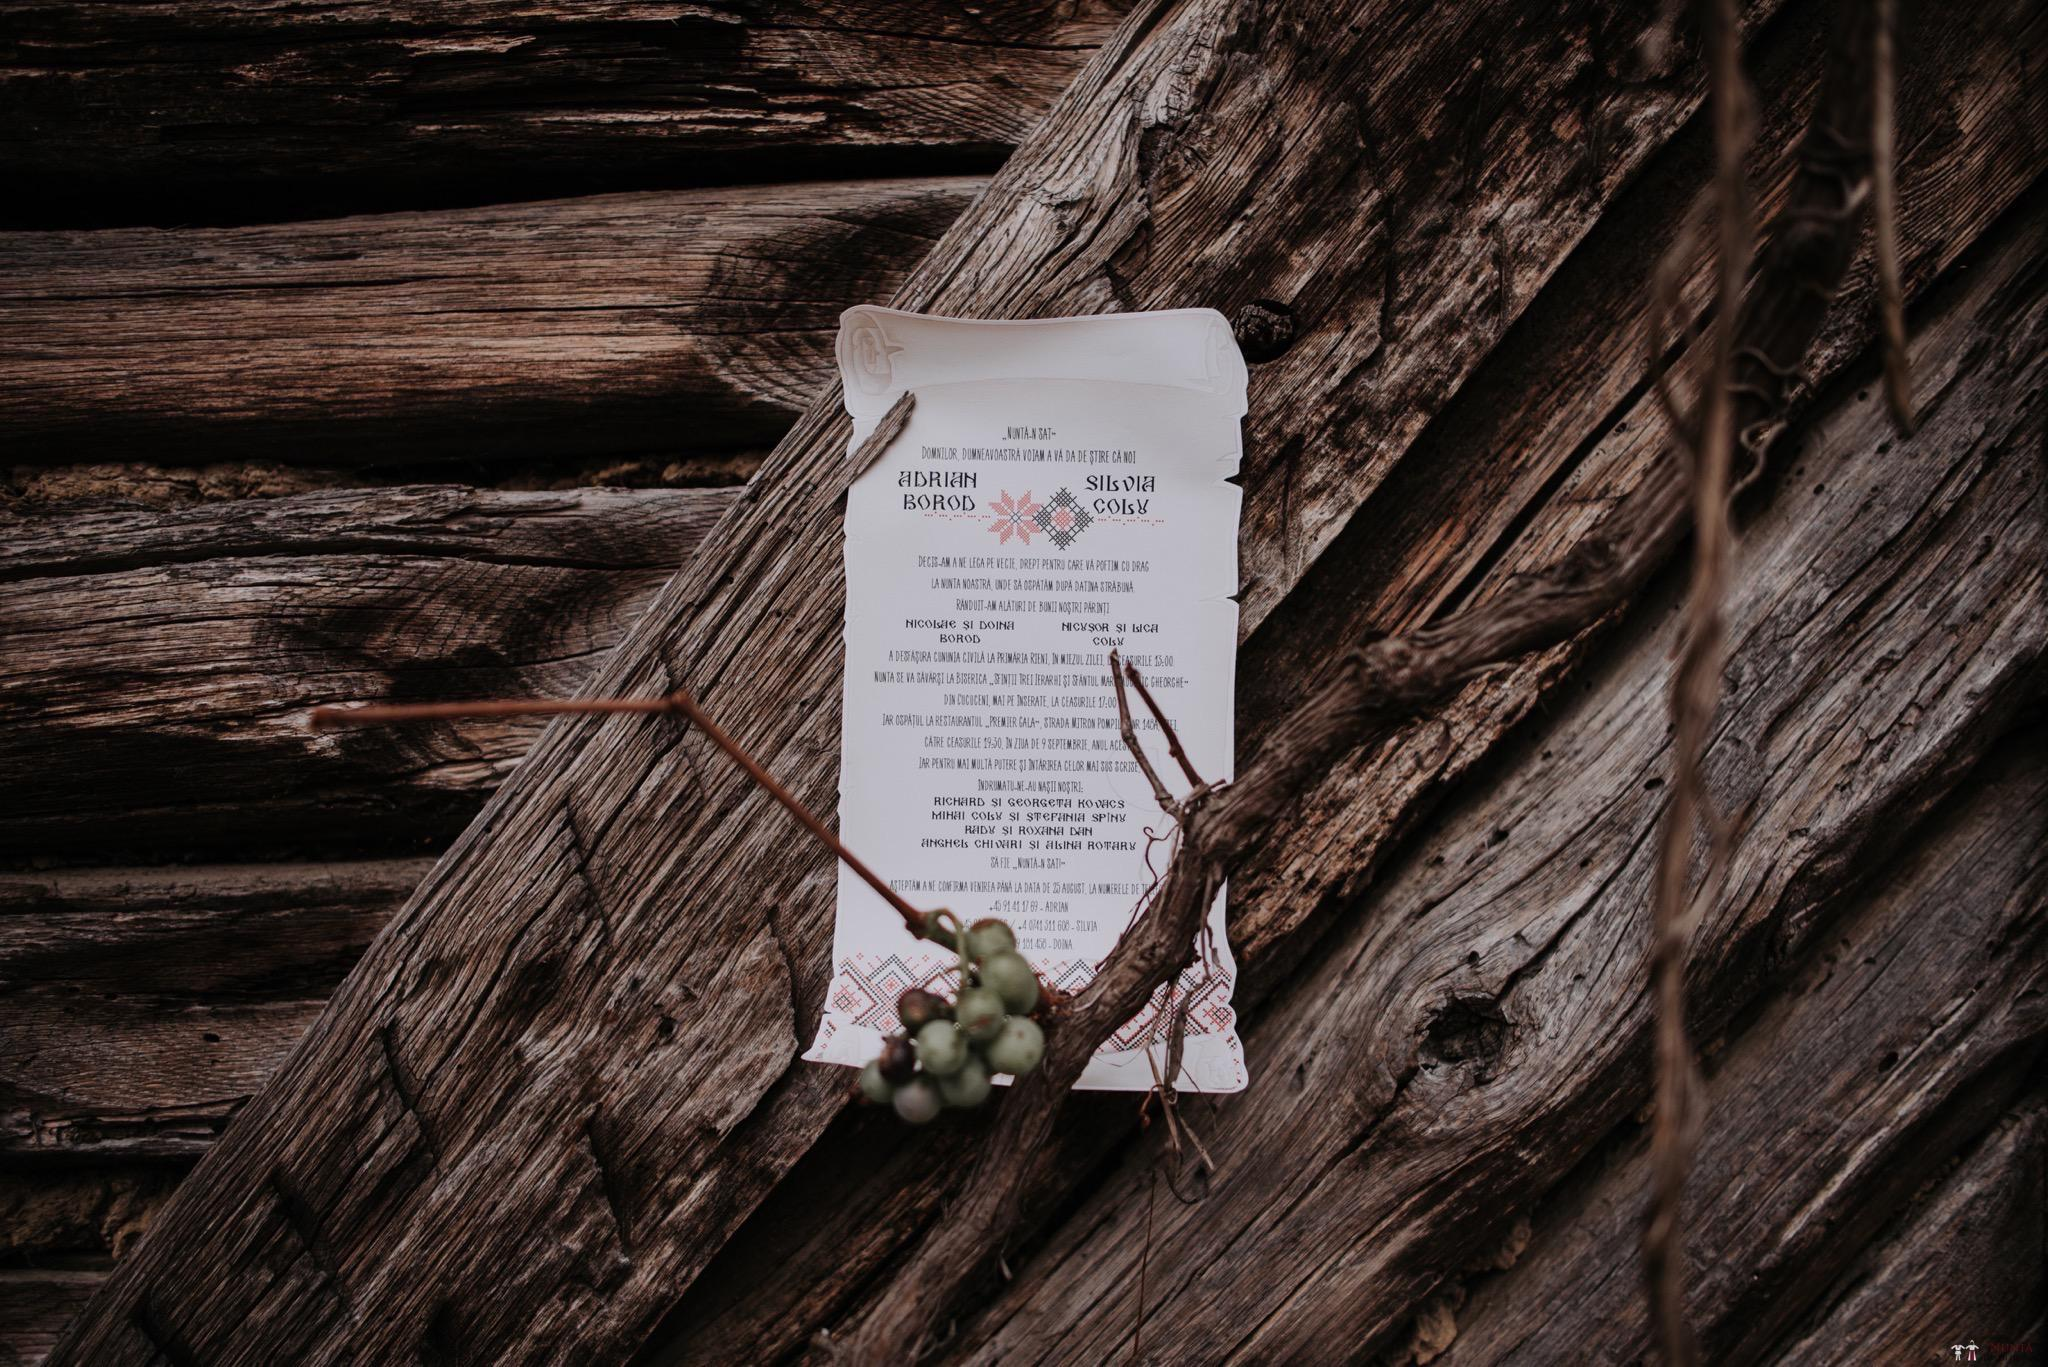 Povești Nunți Tradiționale - Silvia și Adrian. Nuntă tradițională în Ghighișeni, Bihor 18